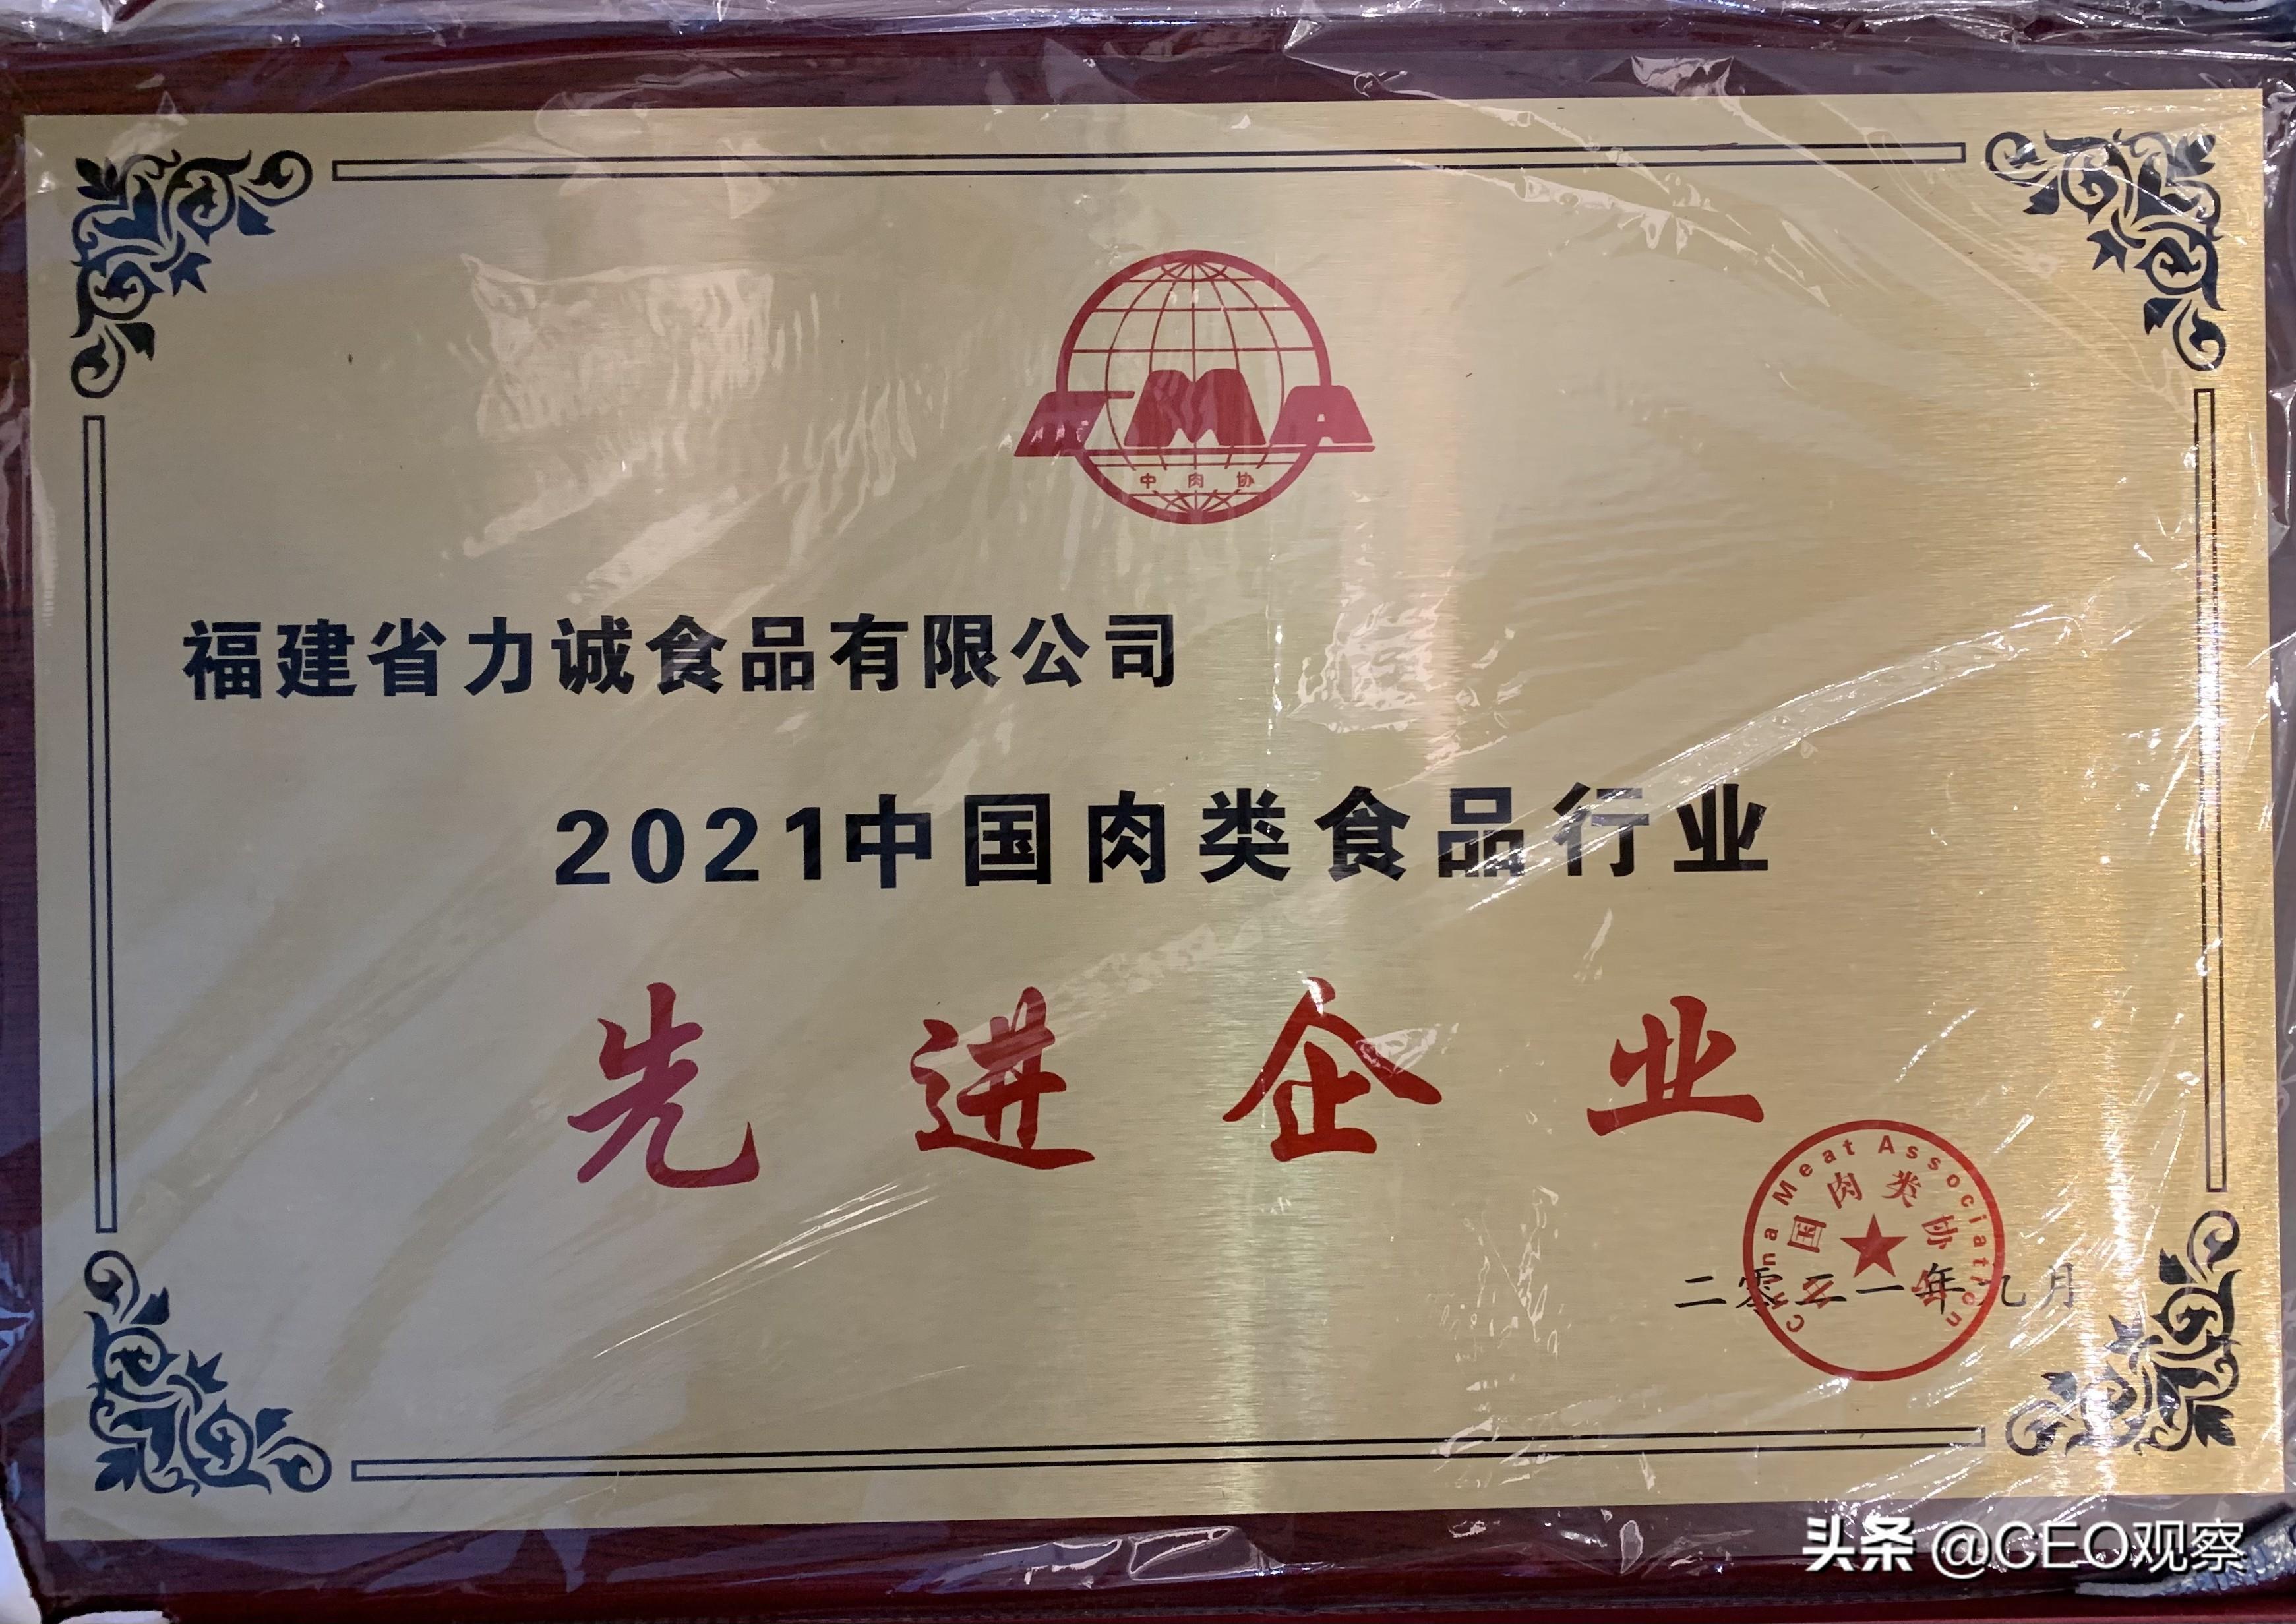 """力诚食品荣获""""2021年中国肉类食品行业最具价值品牌""""等多项大奖"""